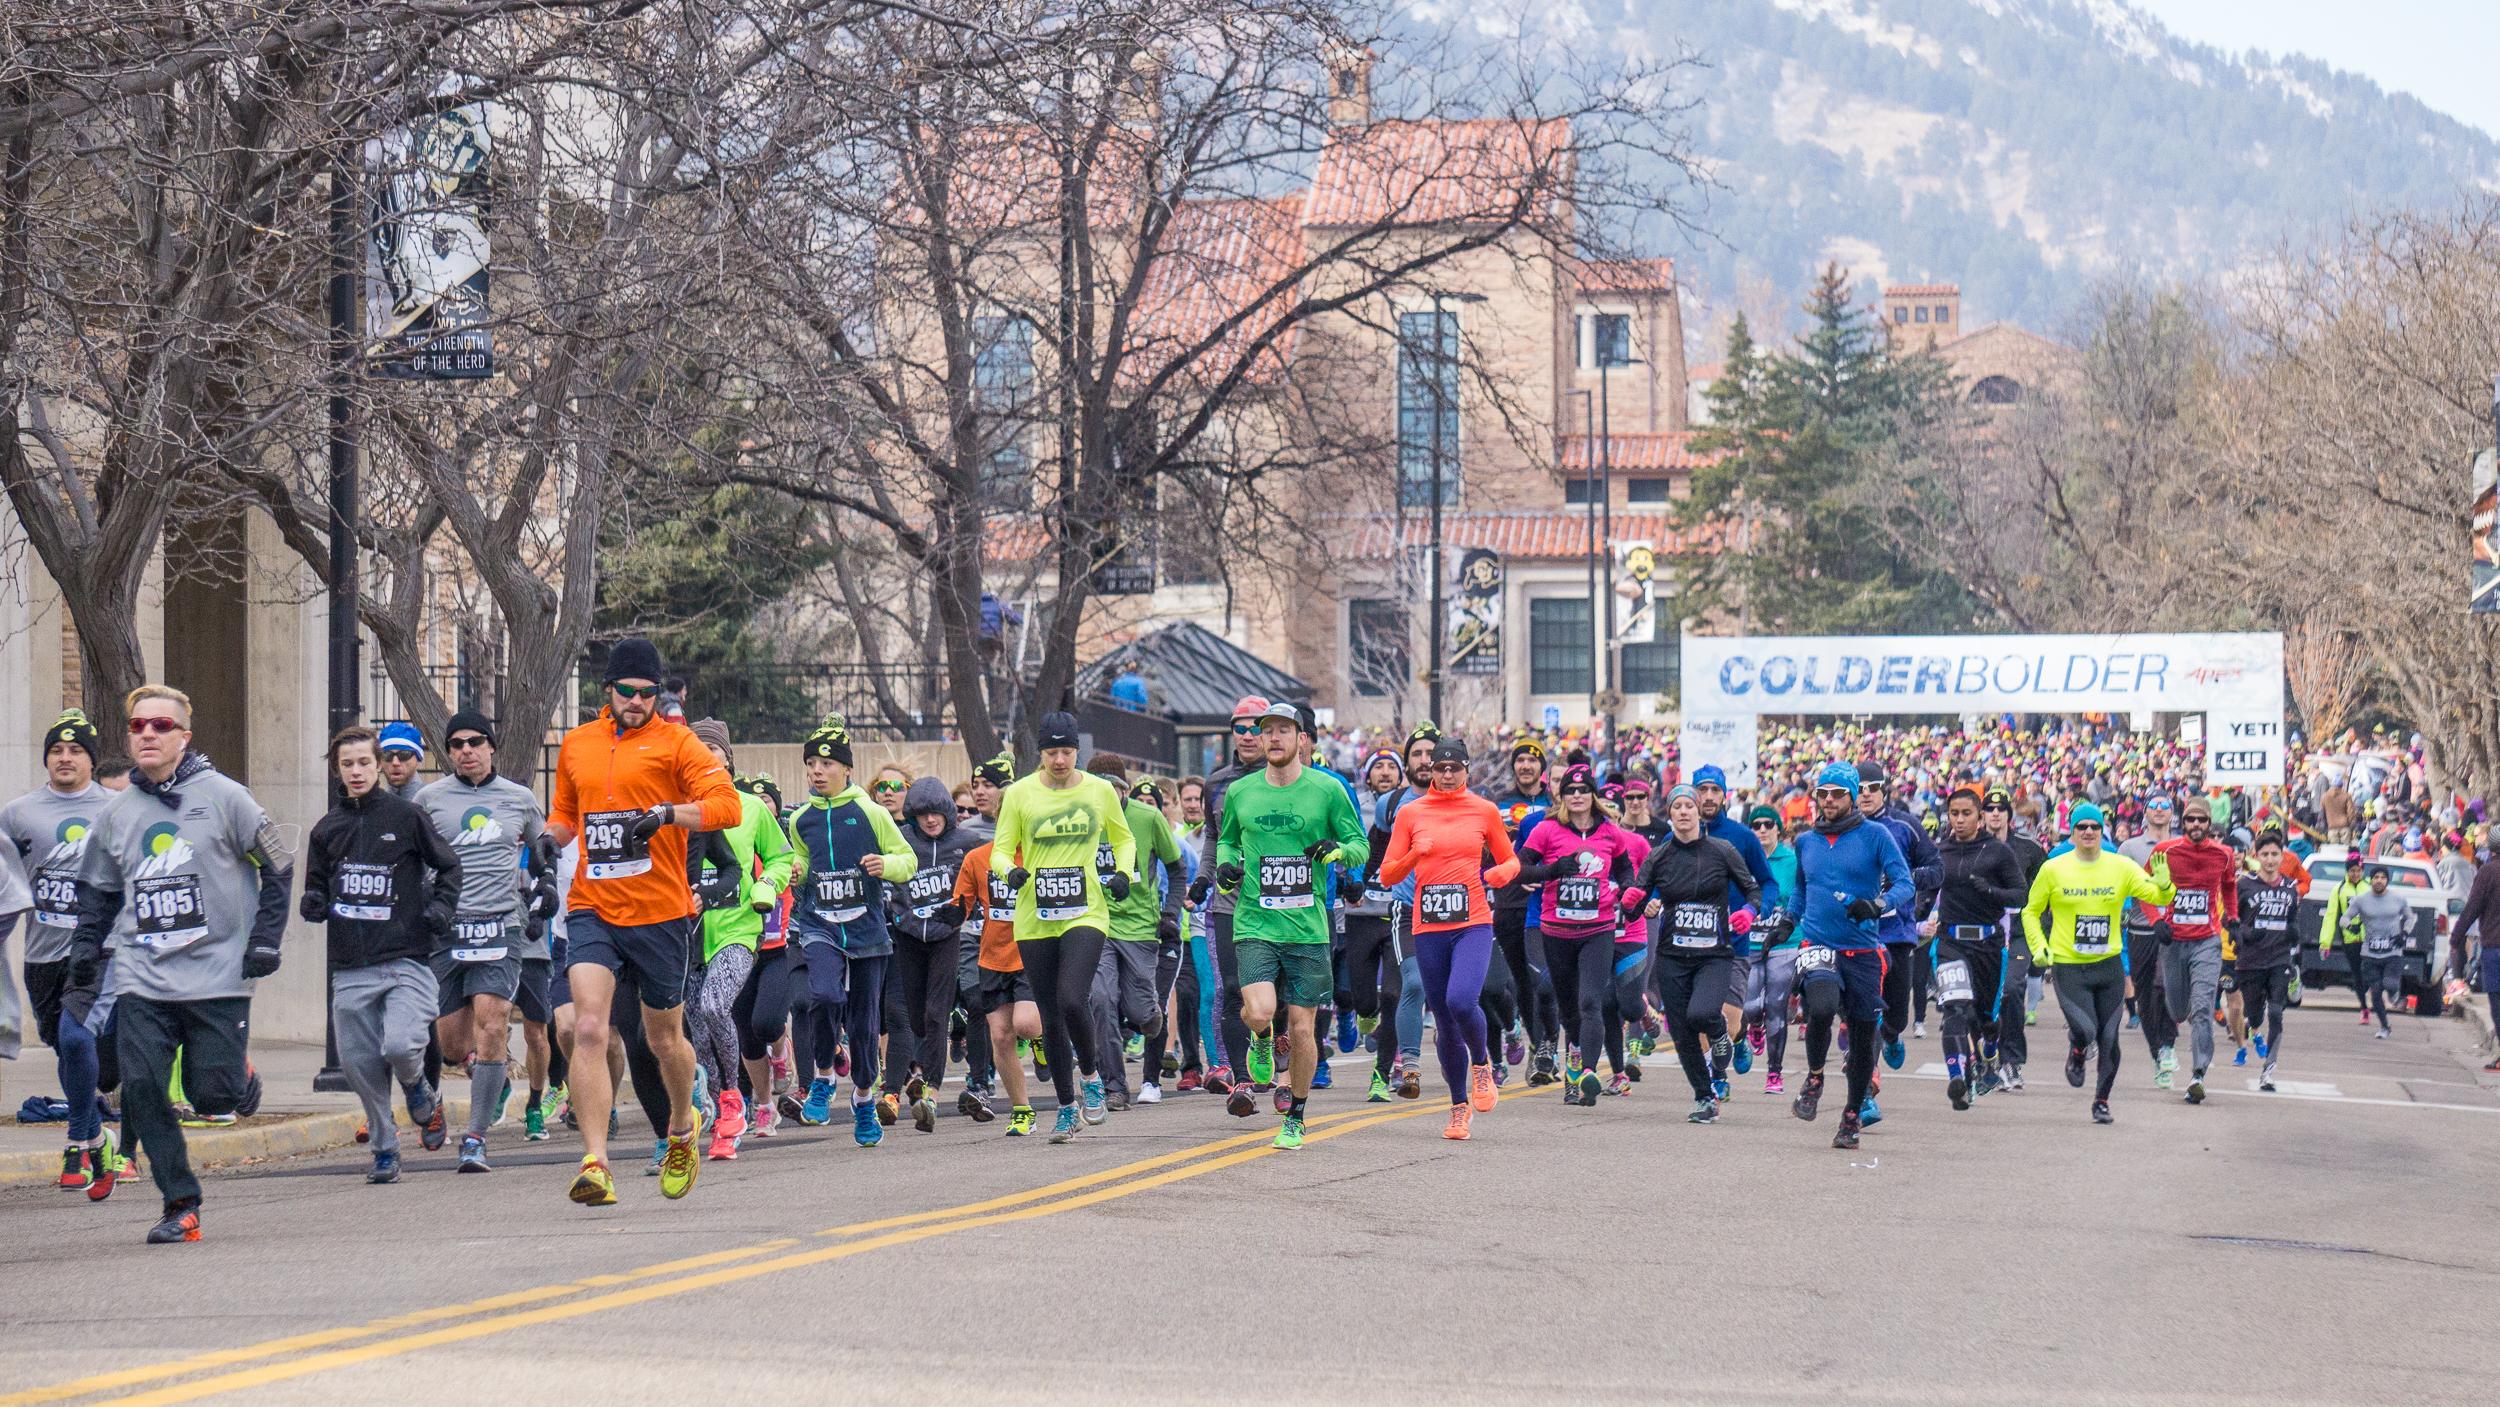 ColderBOULDER 5k races Boulder